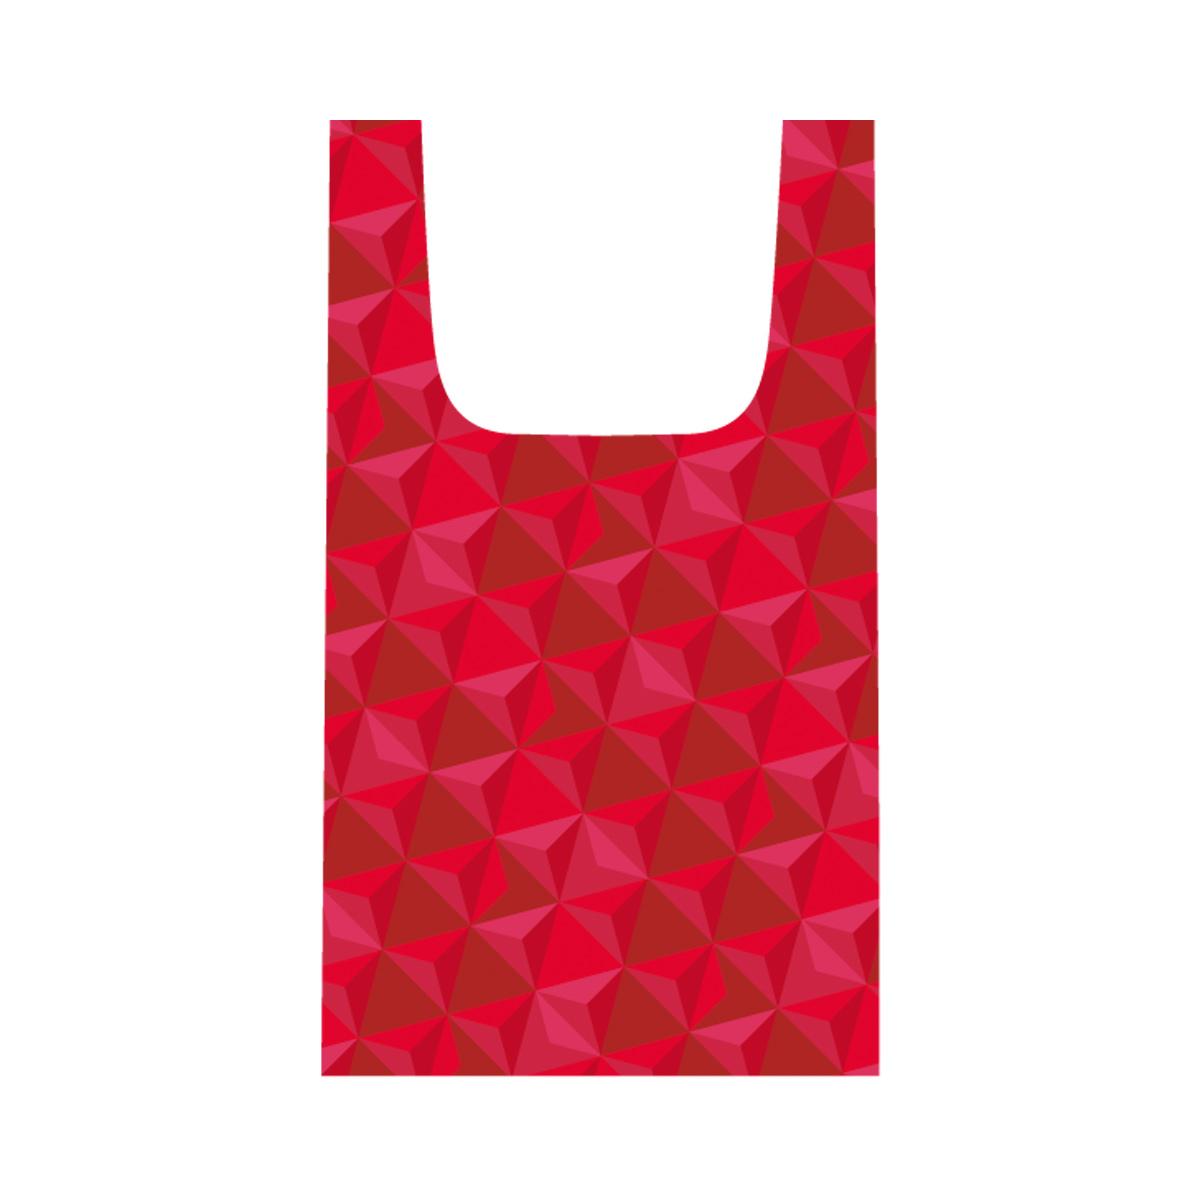 Nákupní taška FANCY HOME, červená